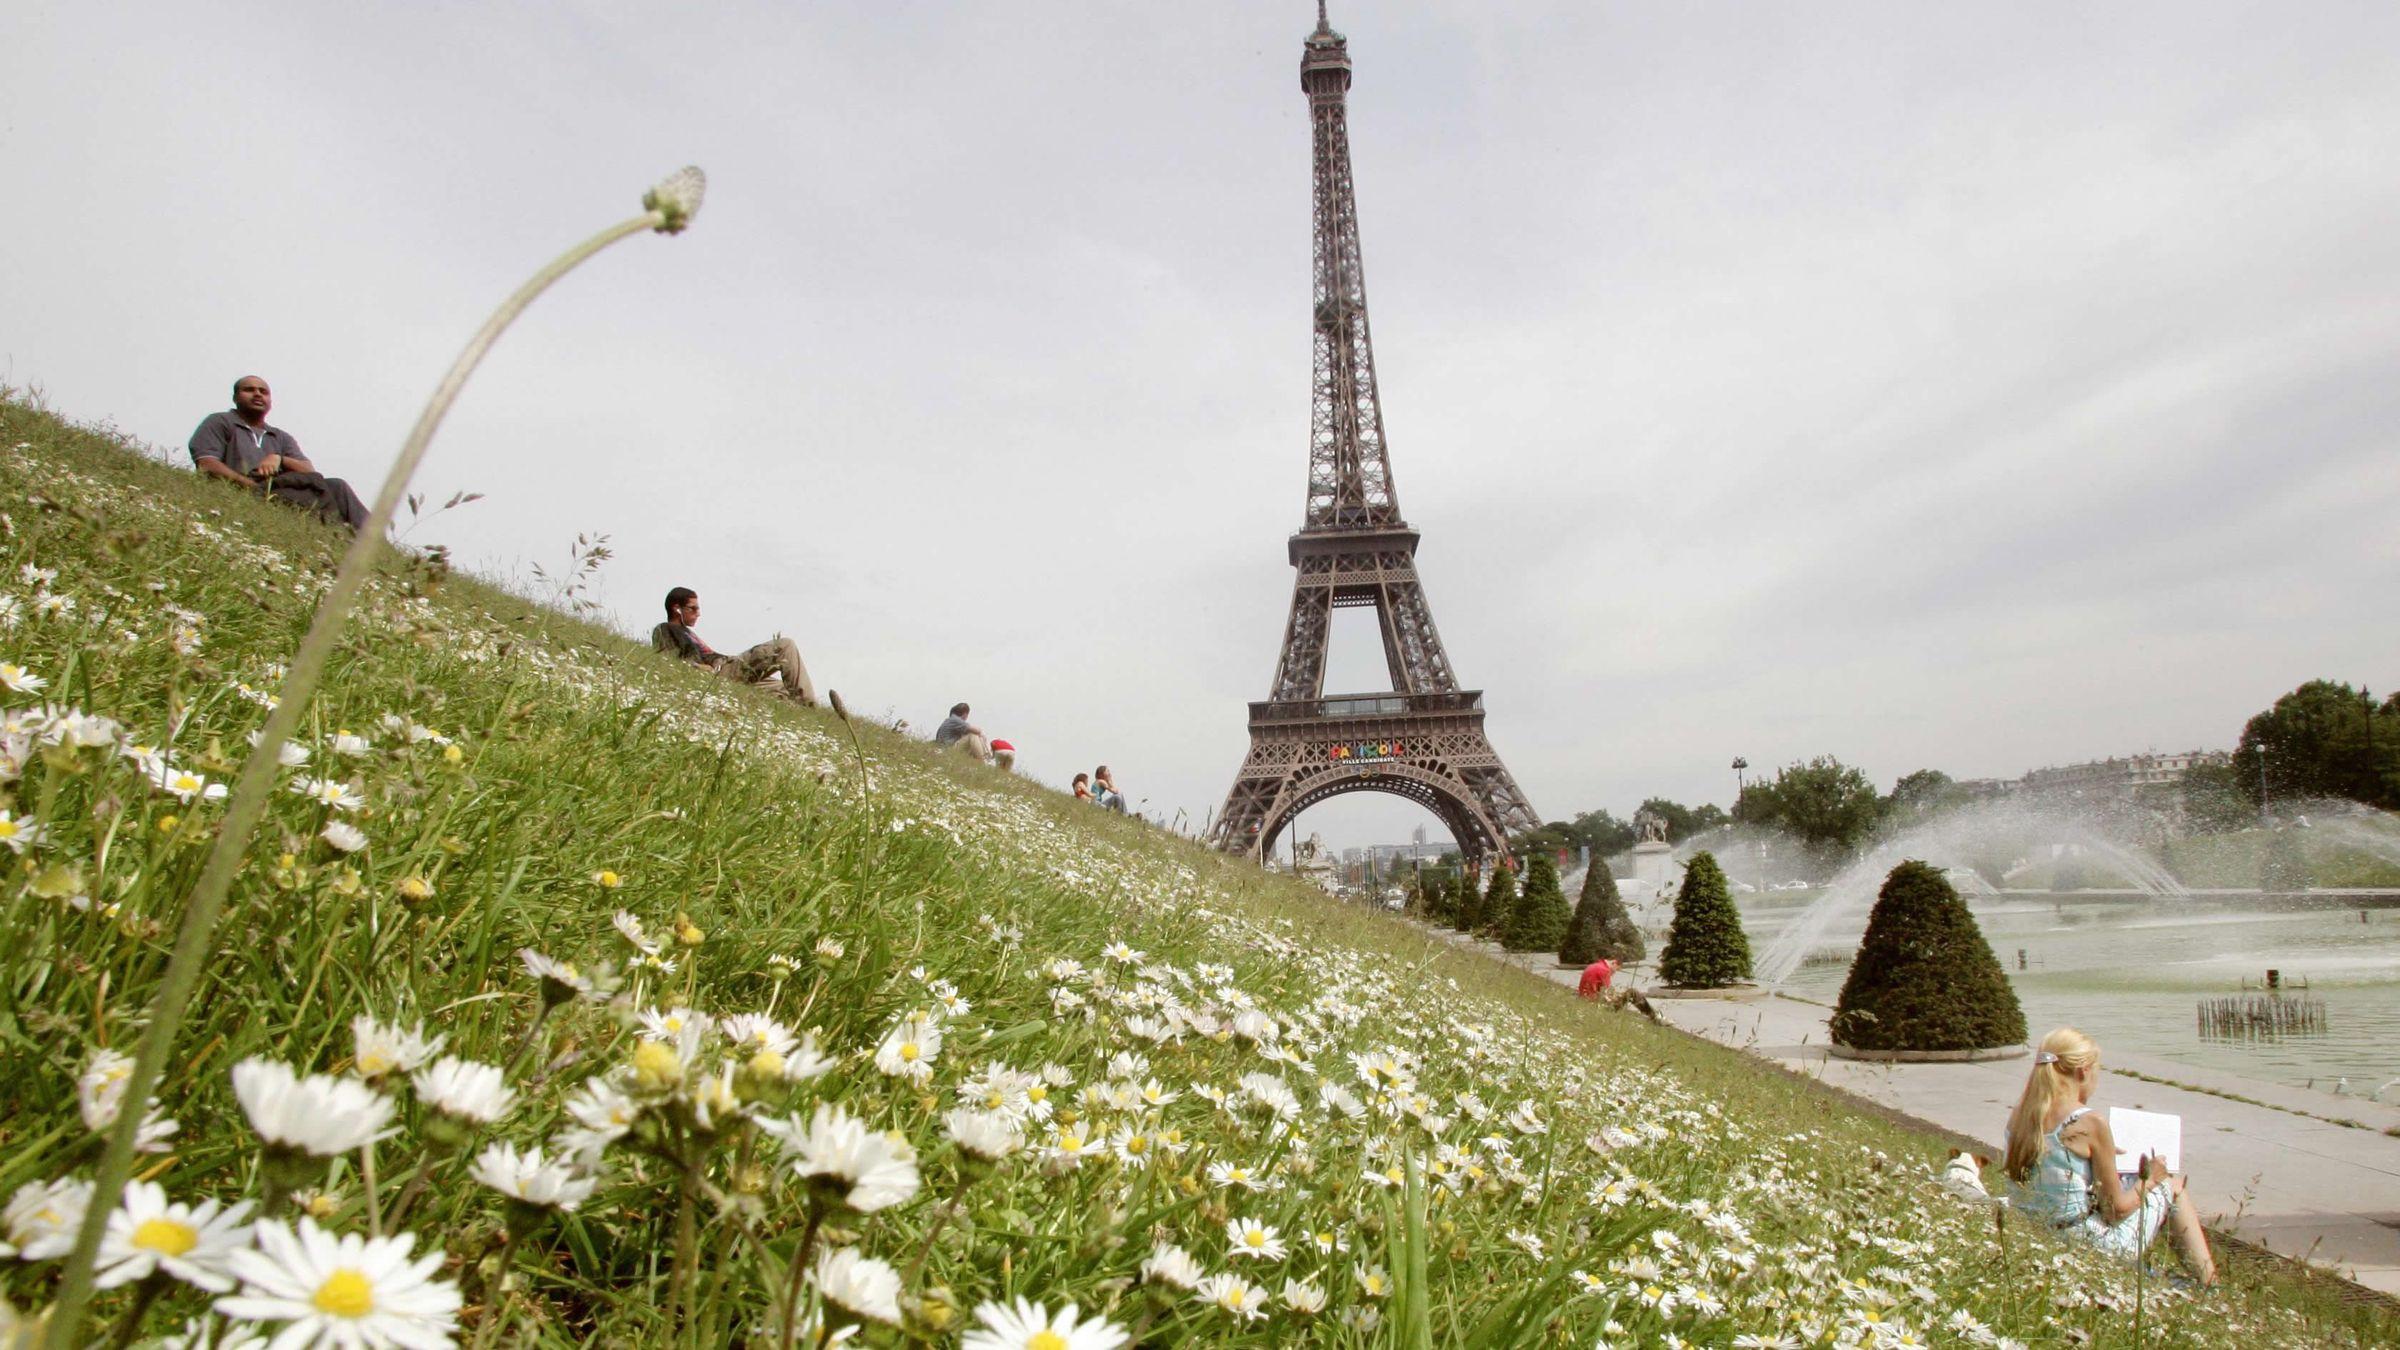 Los precios en la Torre Eiffel de París dependen de si el turista opta por subir en ascensor o afrontar los escalones